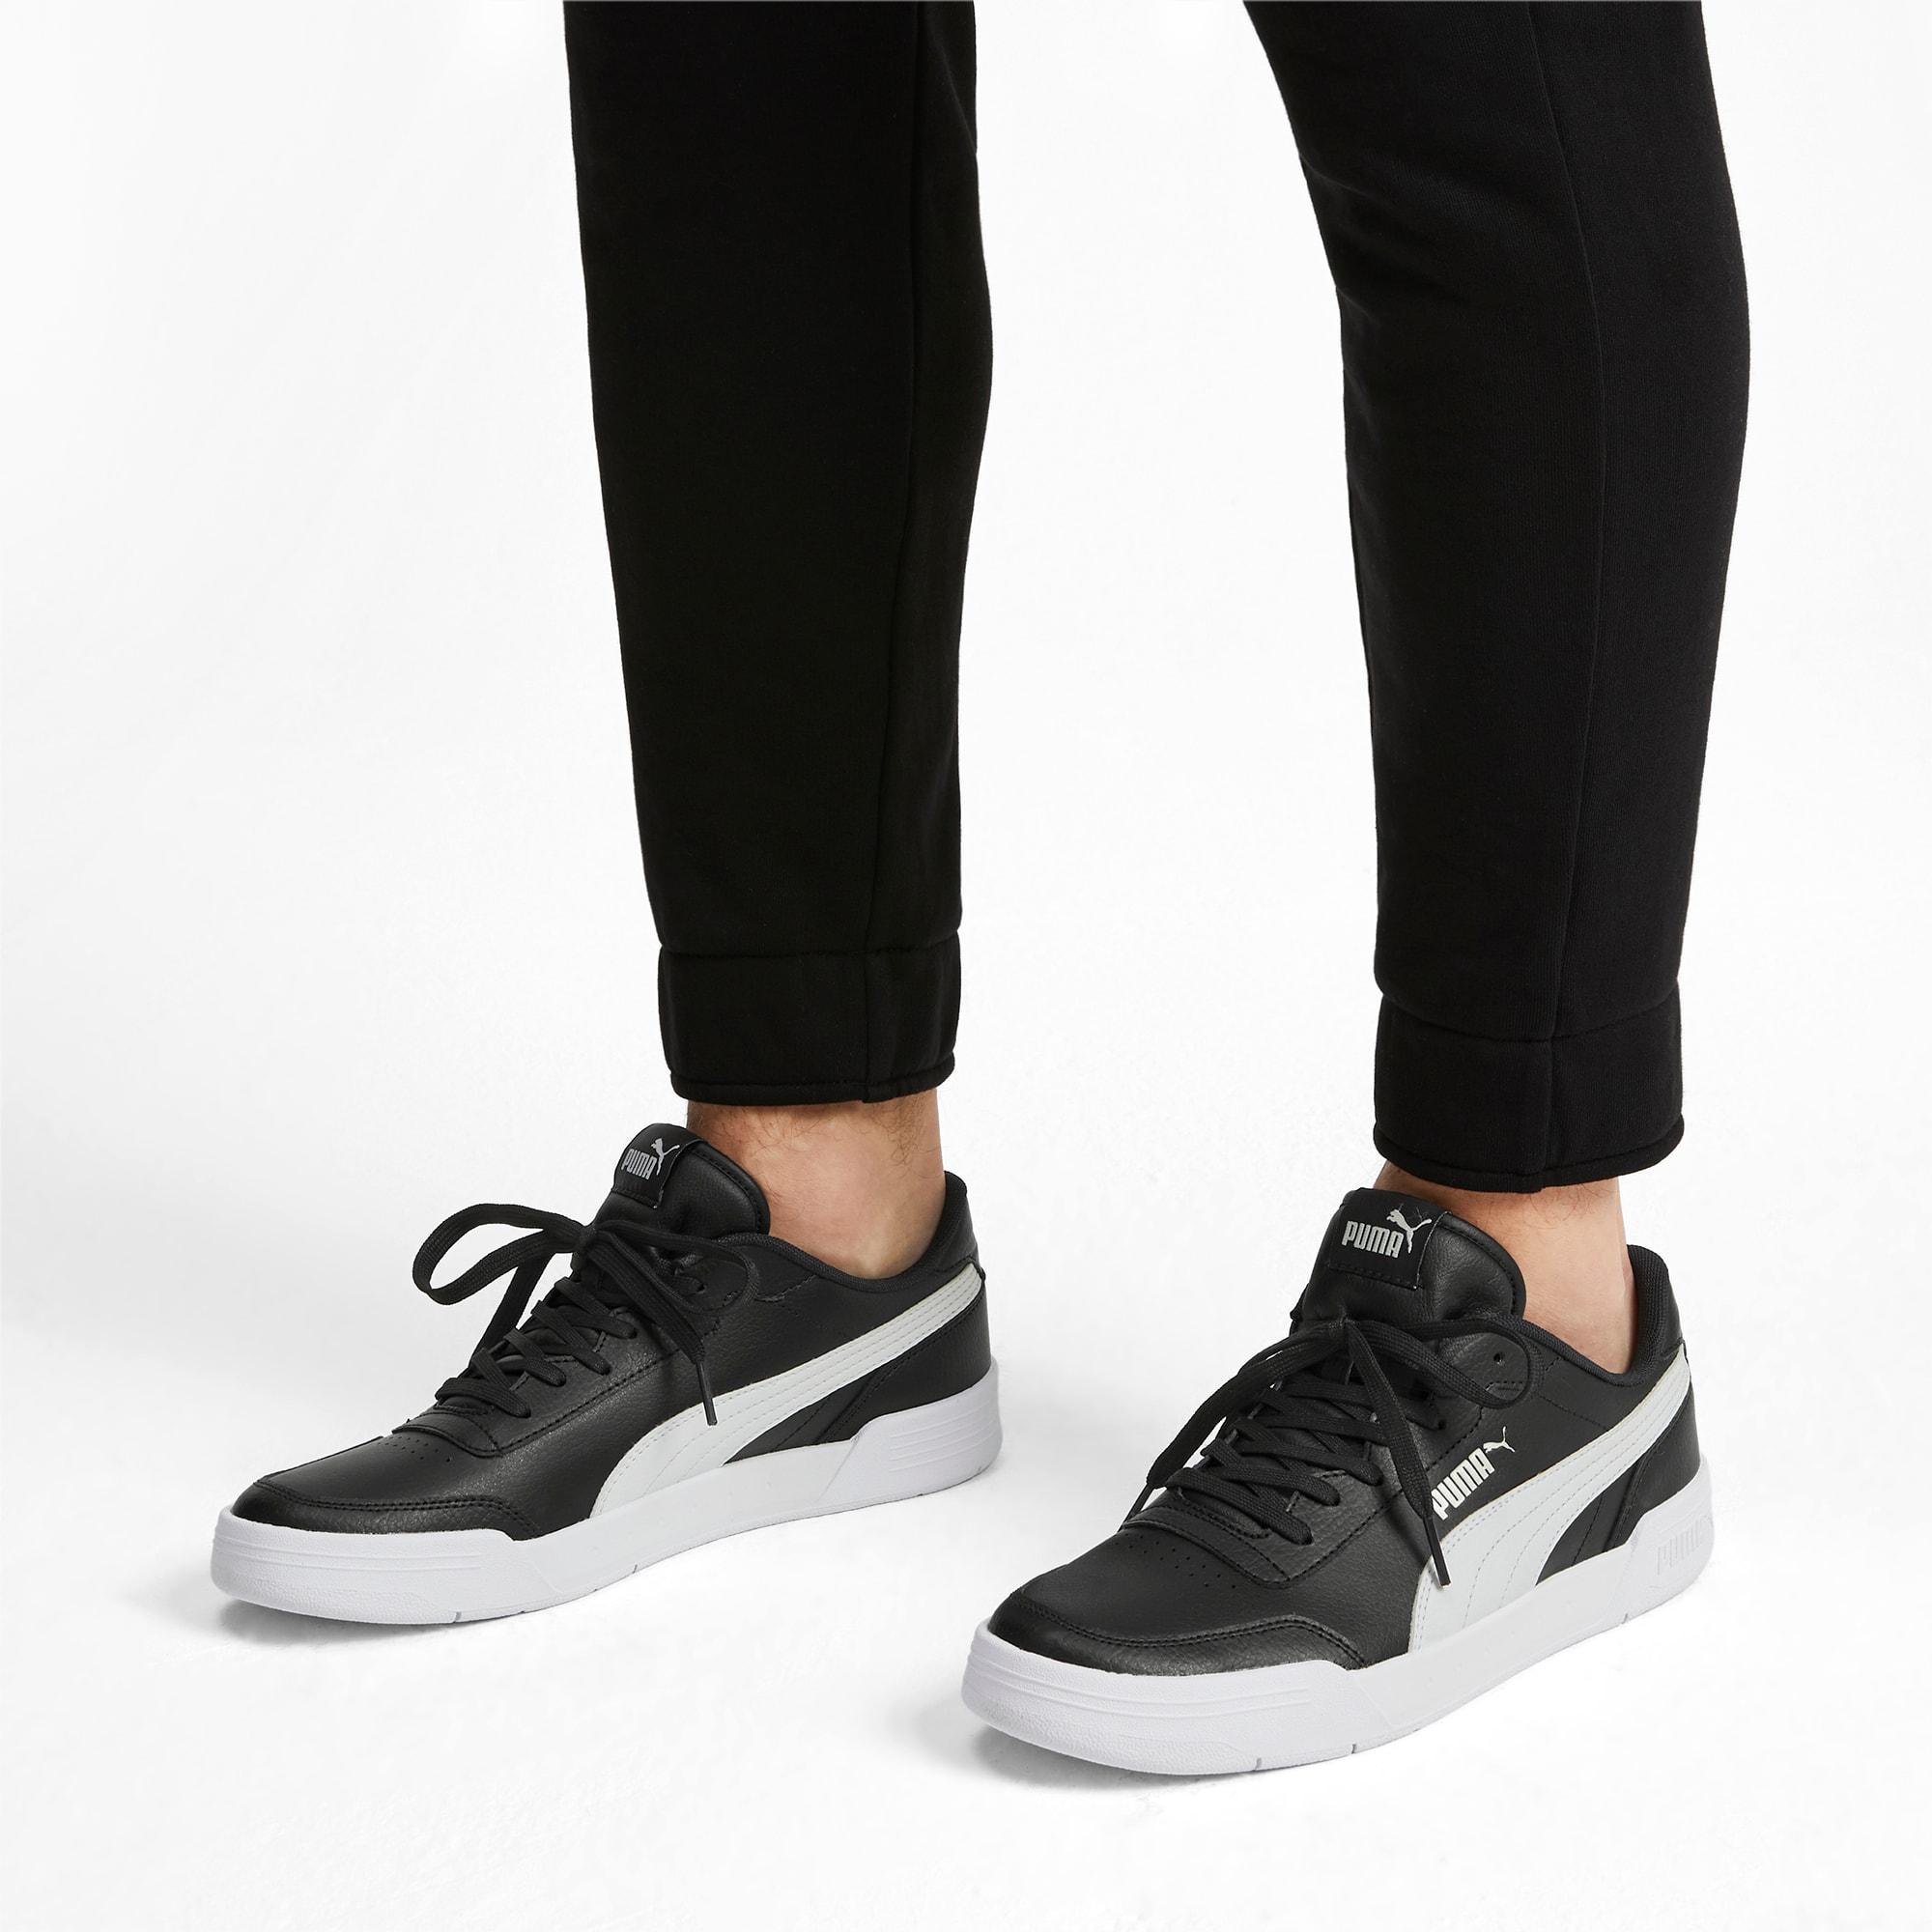 Caracal Men's Sneakers